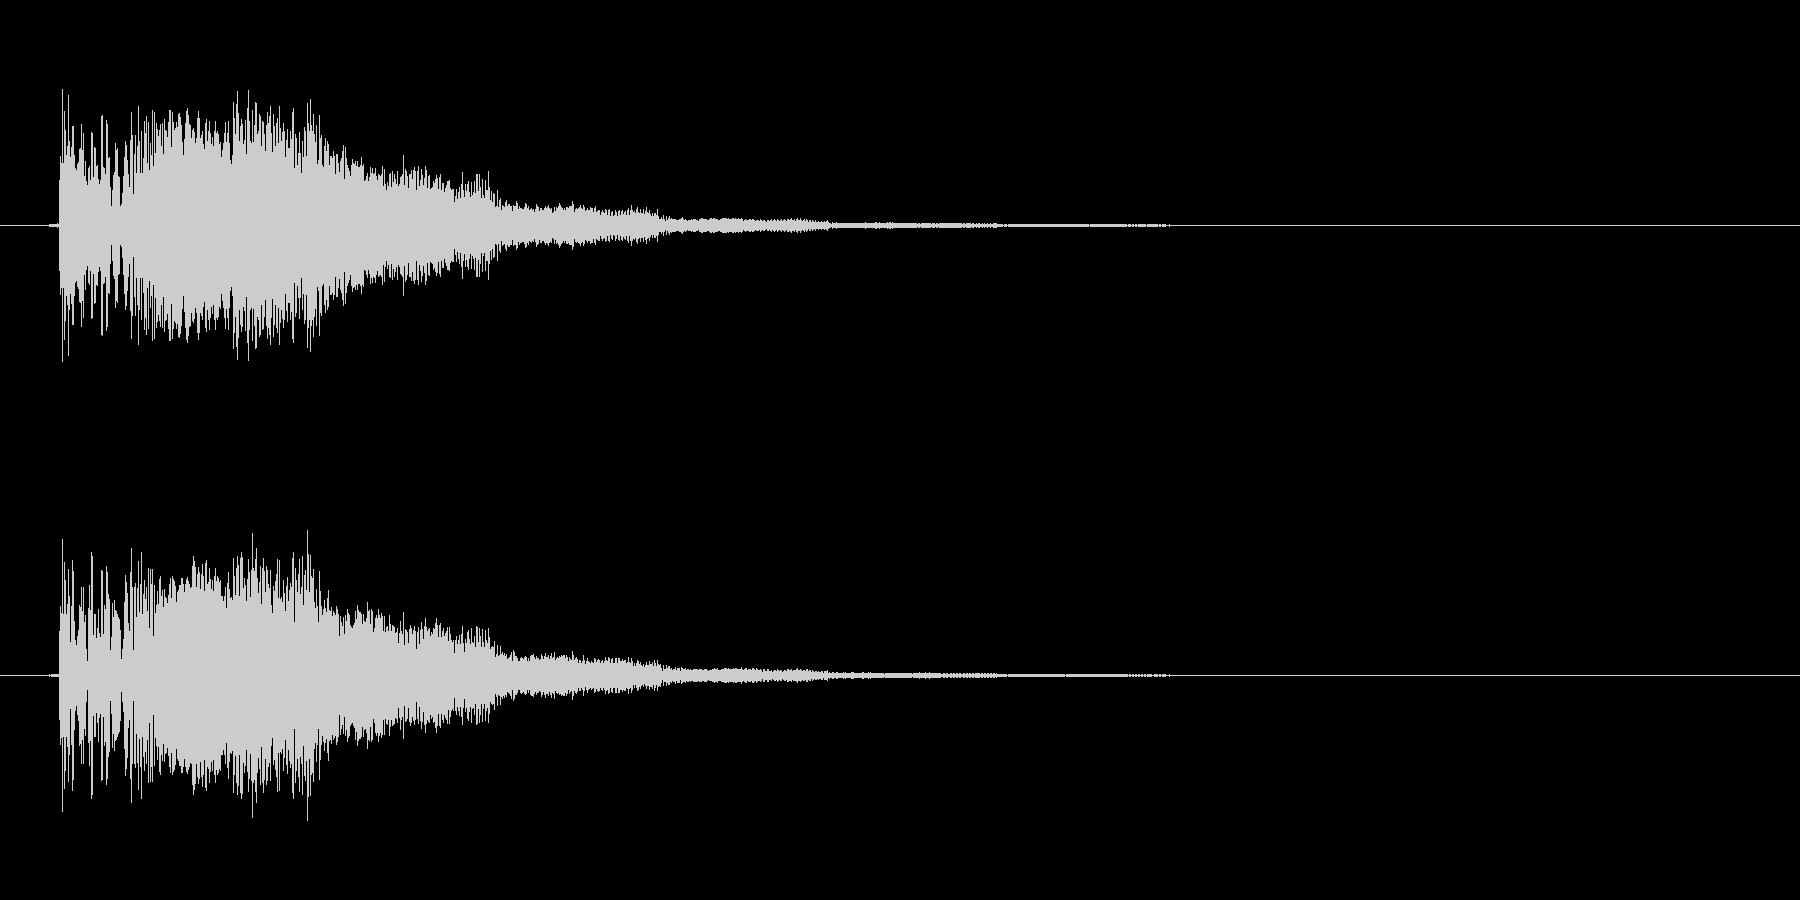 ボタン音 クリック音 ピコン ポヨンの未再生の波形